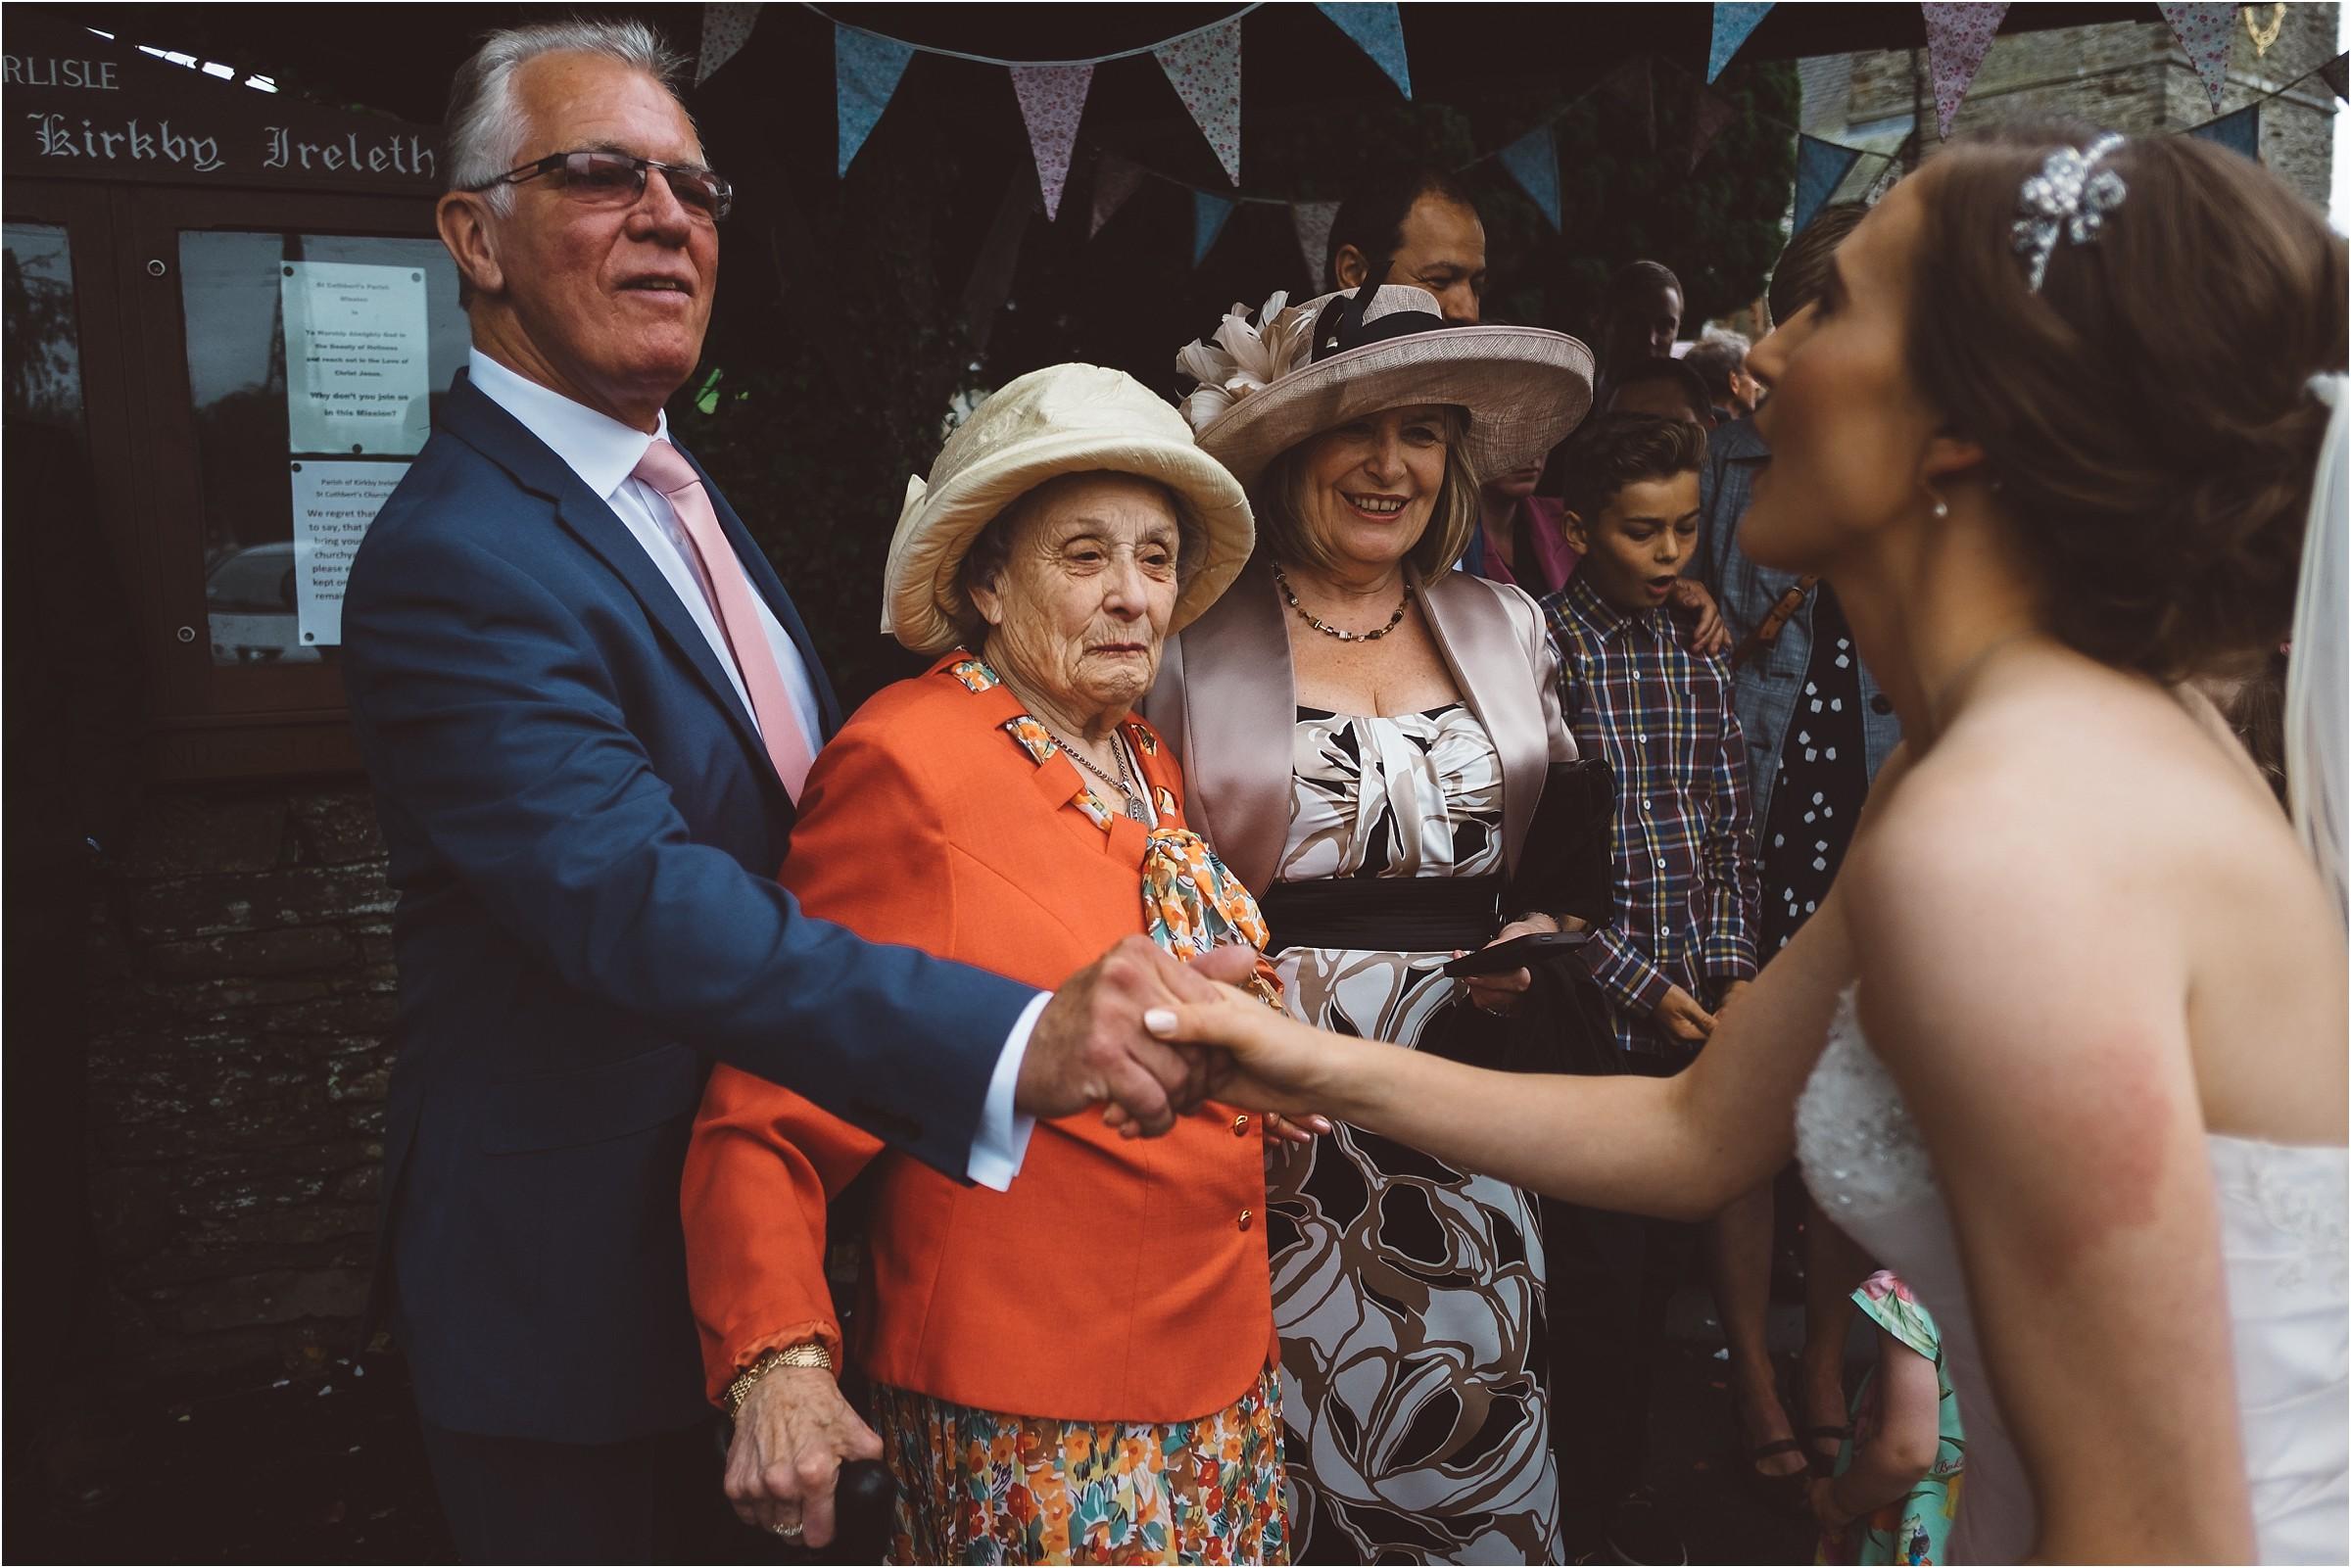 115 tipi wedding E2010922